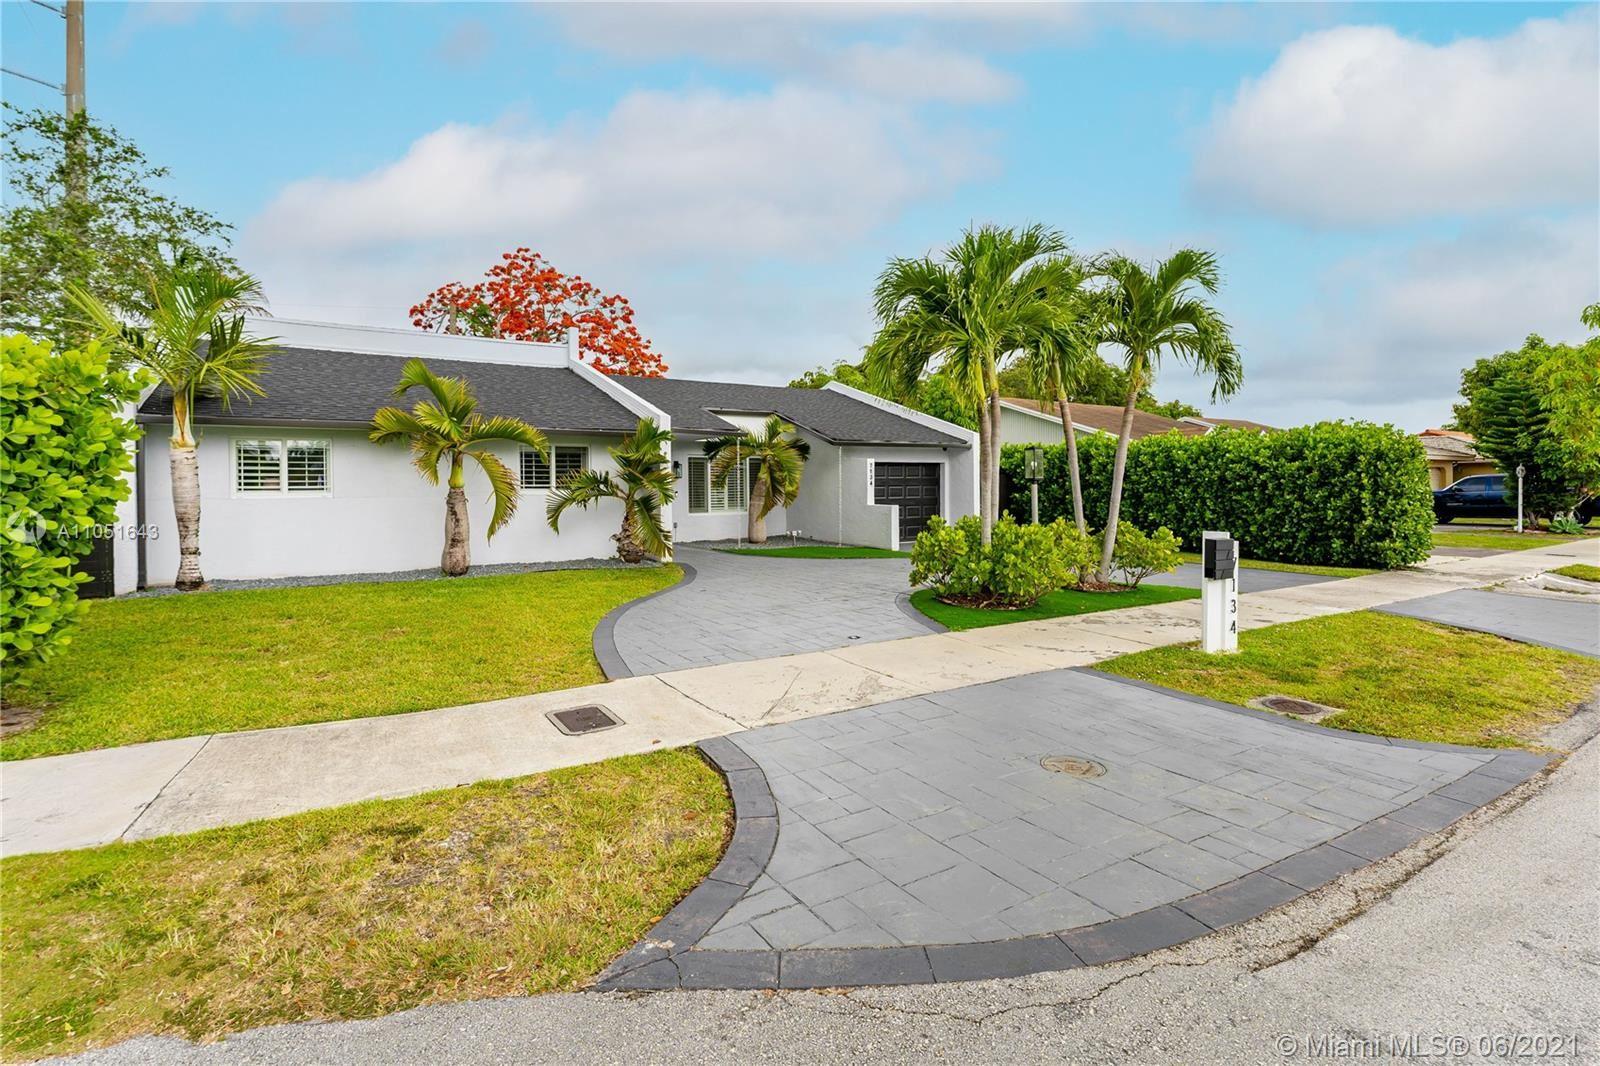 7134 SW 93rd Ct, Miami, FL 33173 - #: A11051643